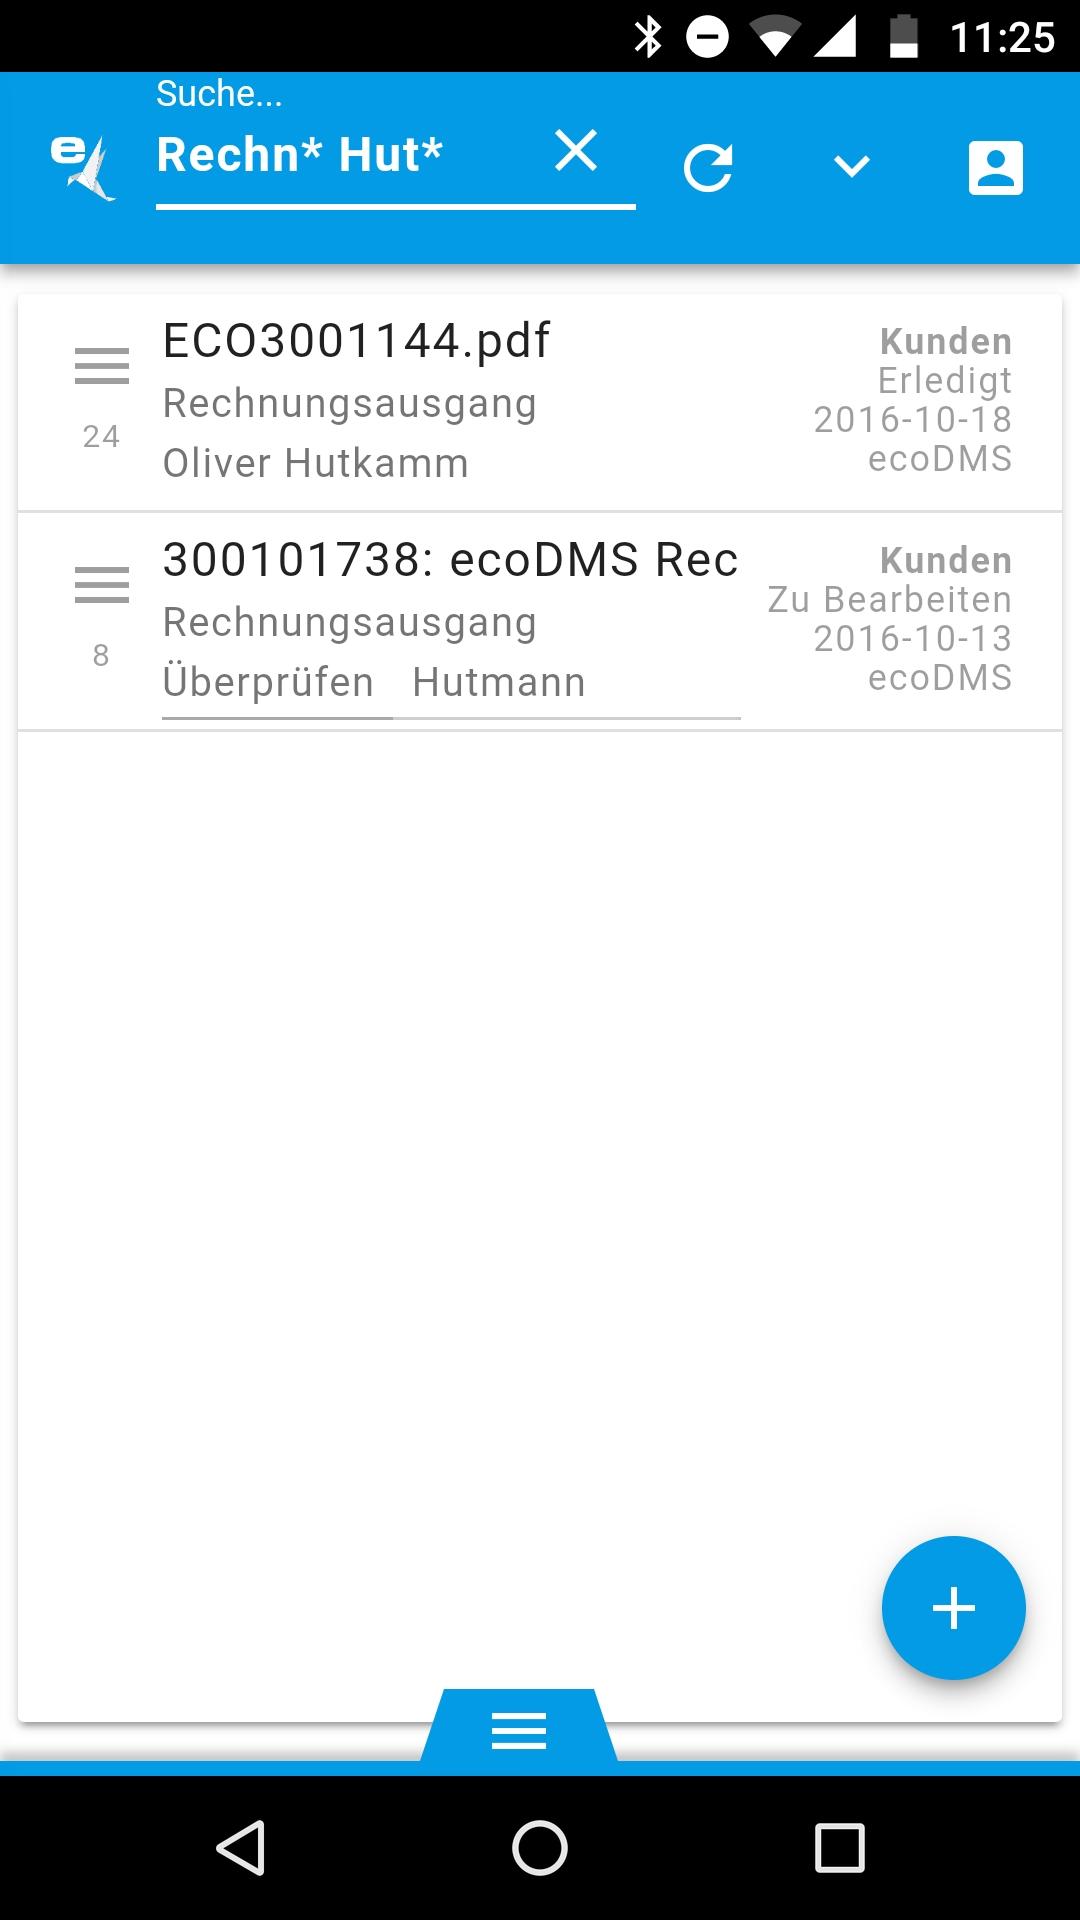 Erste Details zum neuen ecoDMS Archiv Version 18.X in Q4.2018